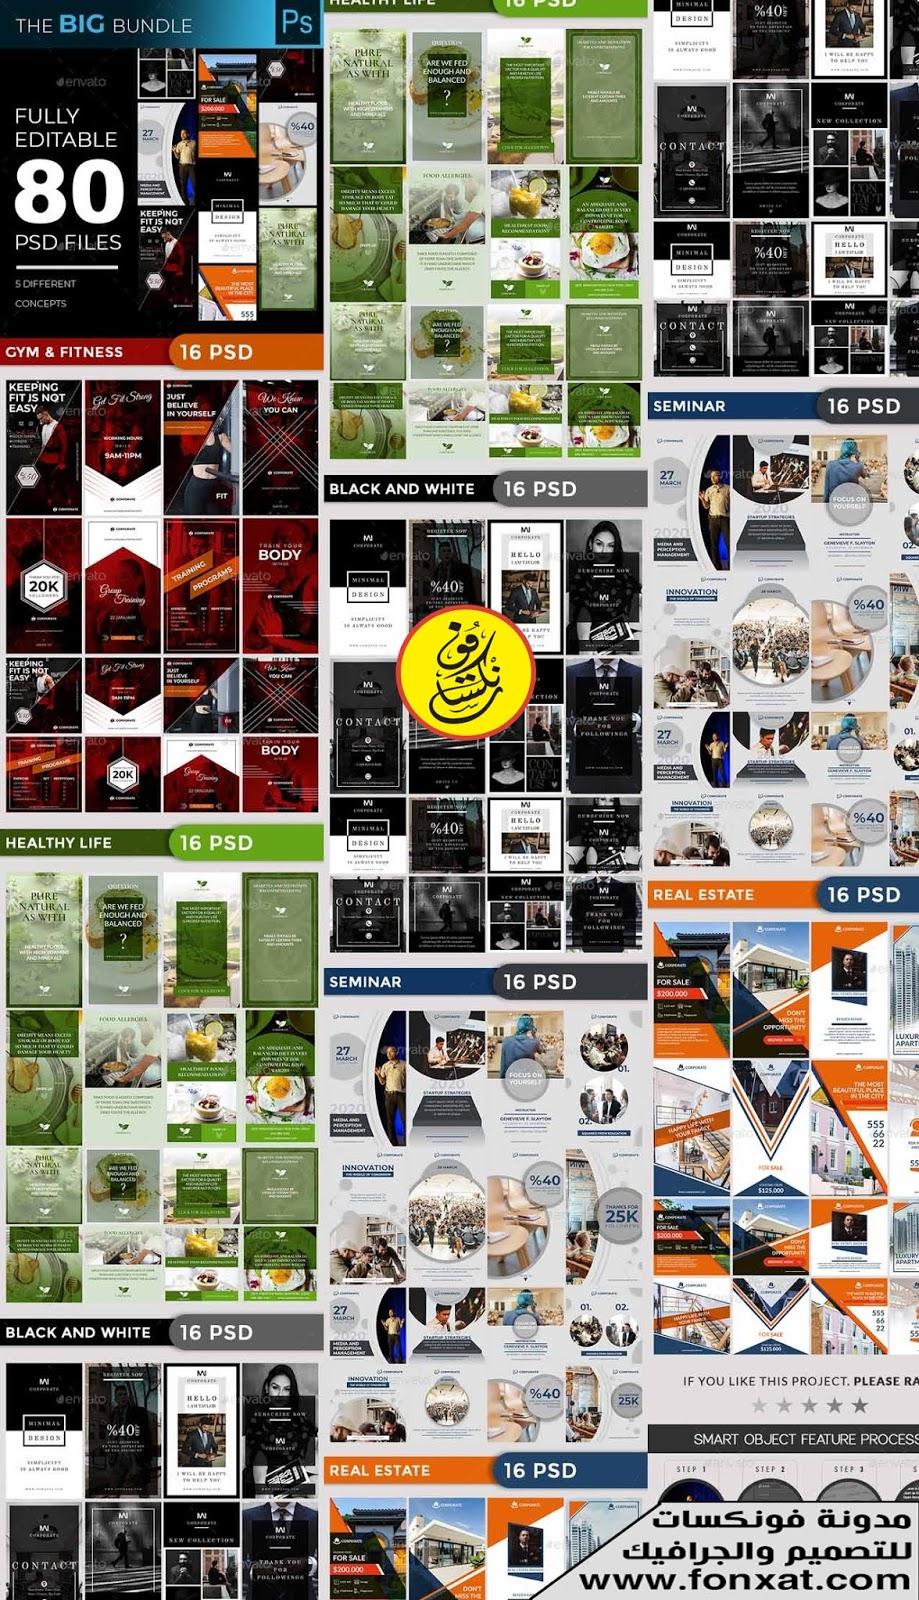 تحميل 80 تصميم بنر لمجلات العقارات والصحة والزنس والموضة